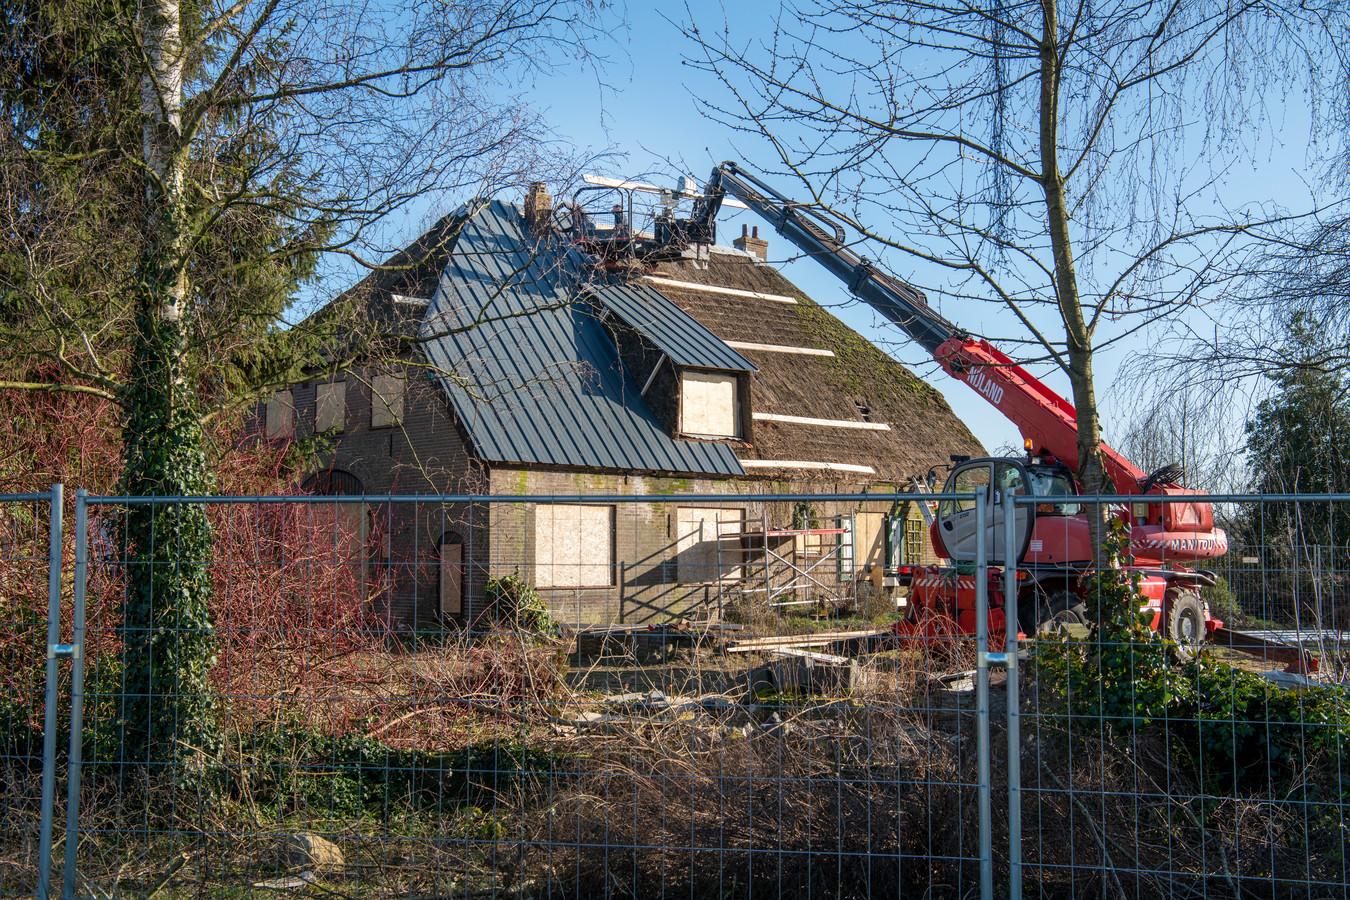 In een boerderij aan de Van Isendoornlaan in Apeldoorn wordt van maart tot september een nog onbekend tv-programma opgenomen. De eerste voorbereidingen worden inmiddels getroffen.